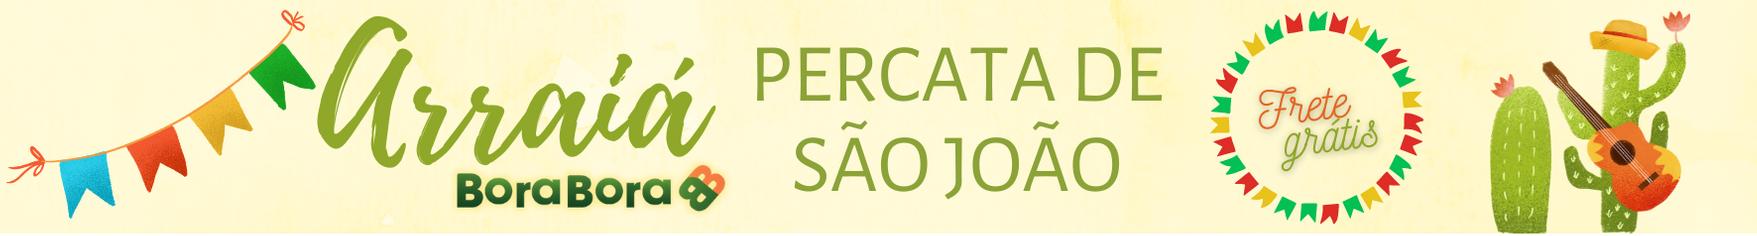 FRETE GRATIS PERCATA SÃO JOÃO